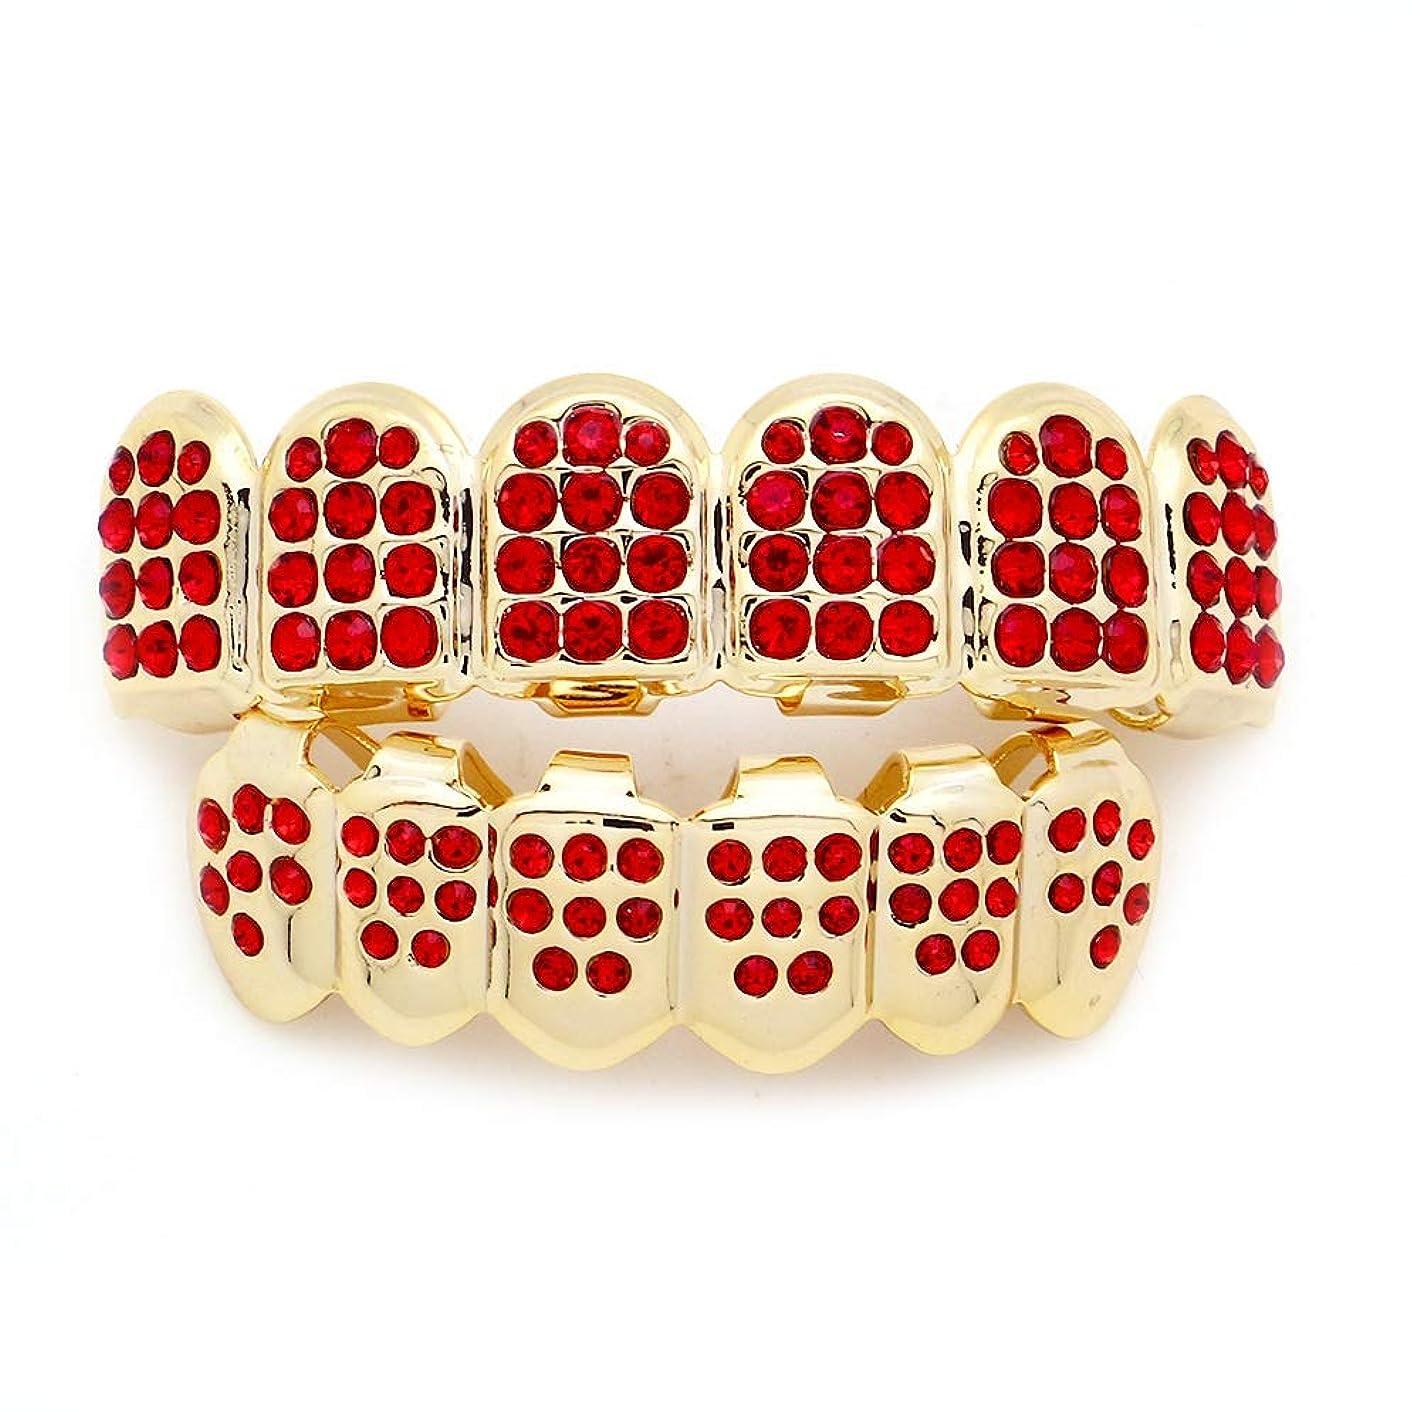 市民ベーコン家ダイヤモンドゴールドプレートHIPHOPティースキャップ、ヨーロッパ系アメリカ人INS最もホットなゴールド&ブラック&シルバー歯ブレース口の歯 (Color : Red)